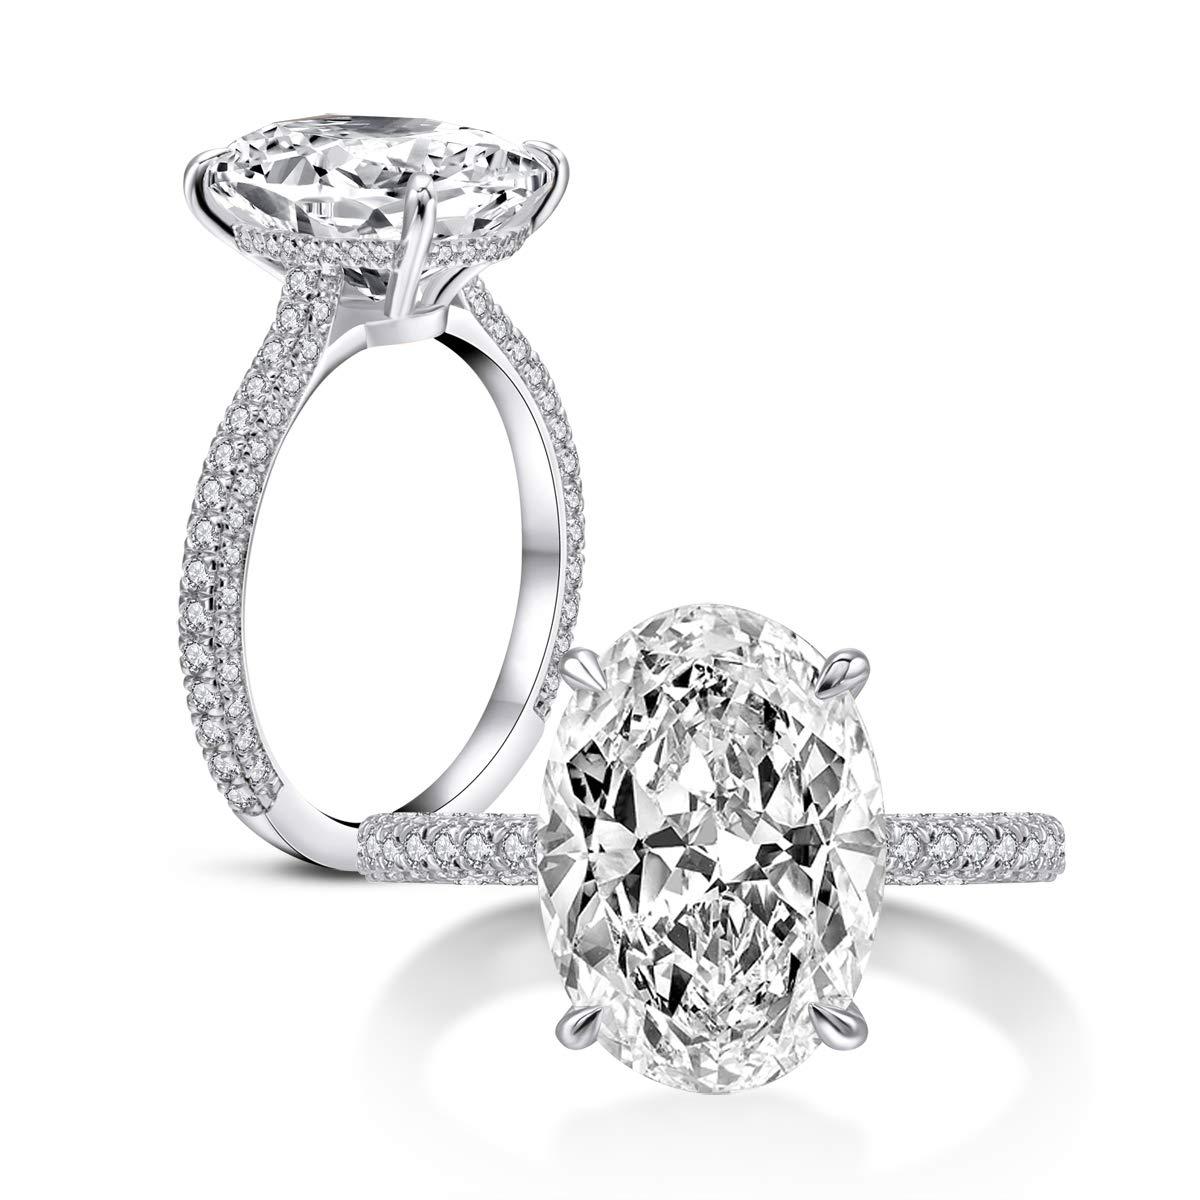 AINUOSHI 925 anillos de boda de plata de ley para mujer anillo de compromiso de circonita cúbica de corte ovalado de 5 quilates